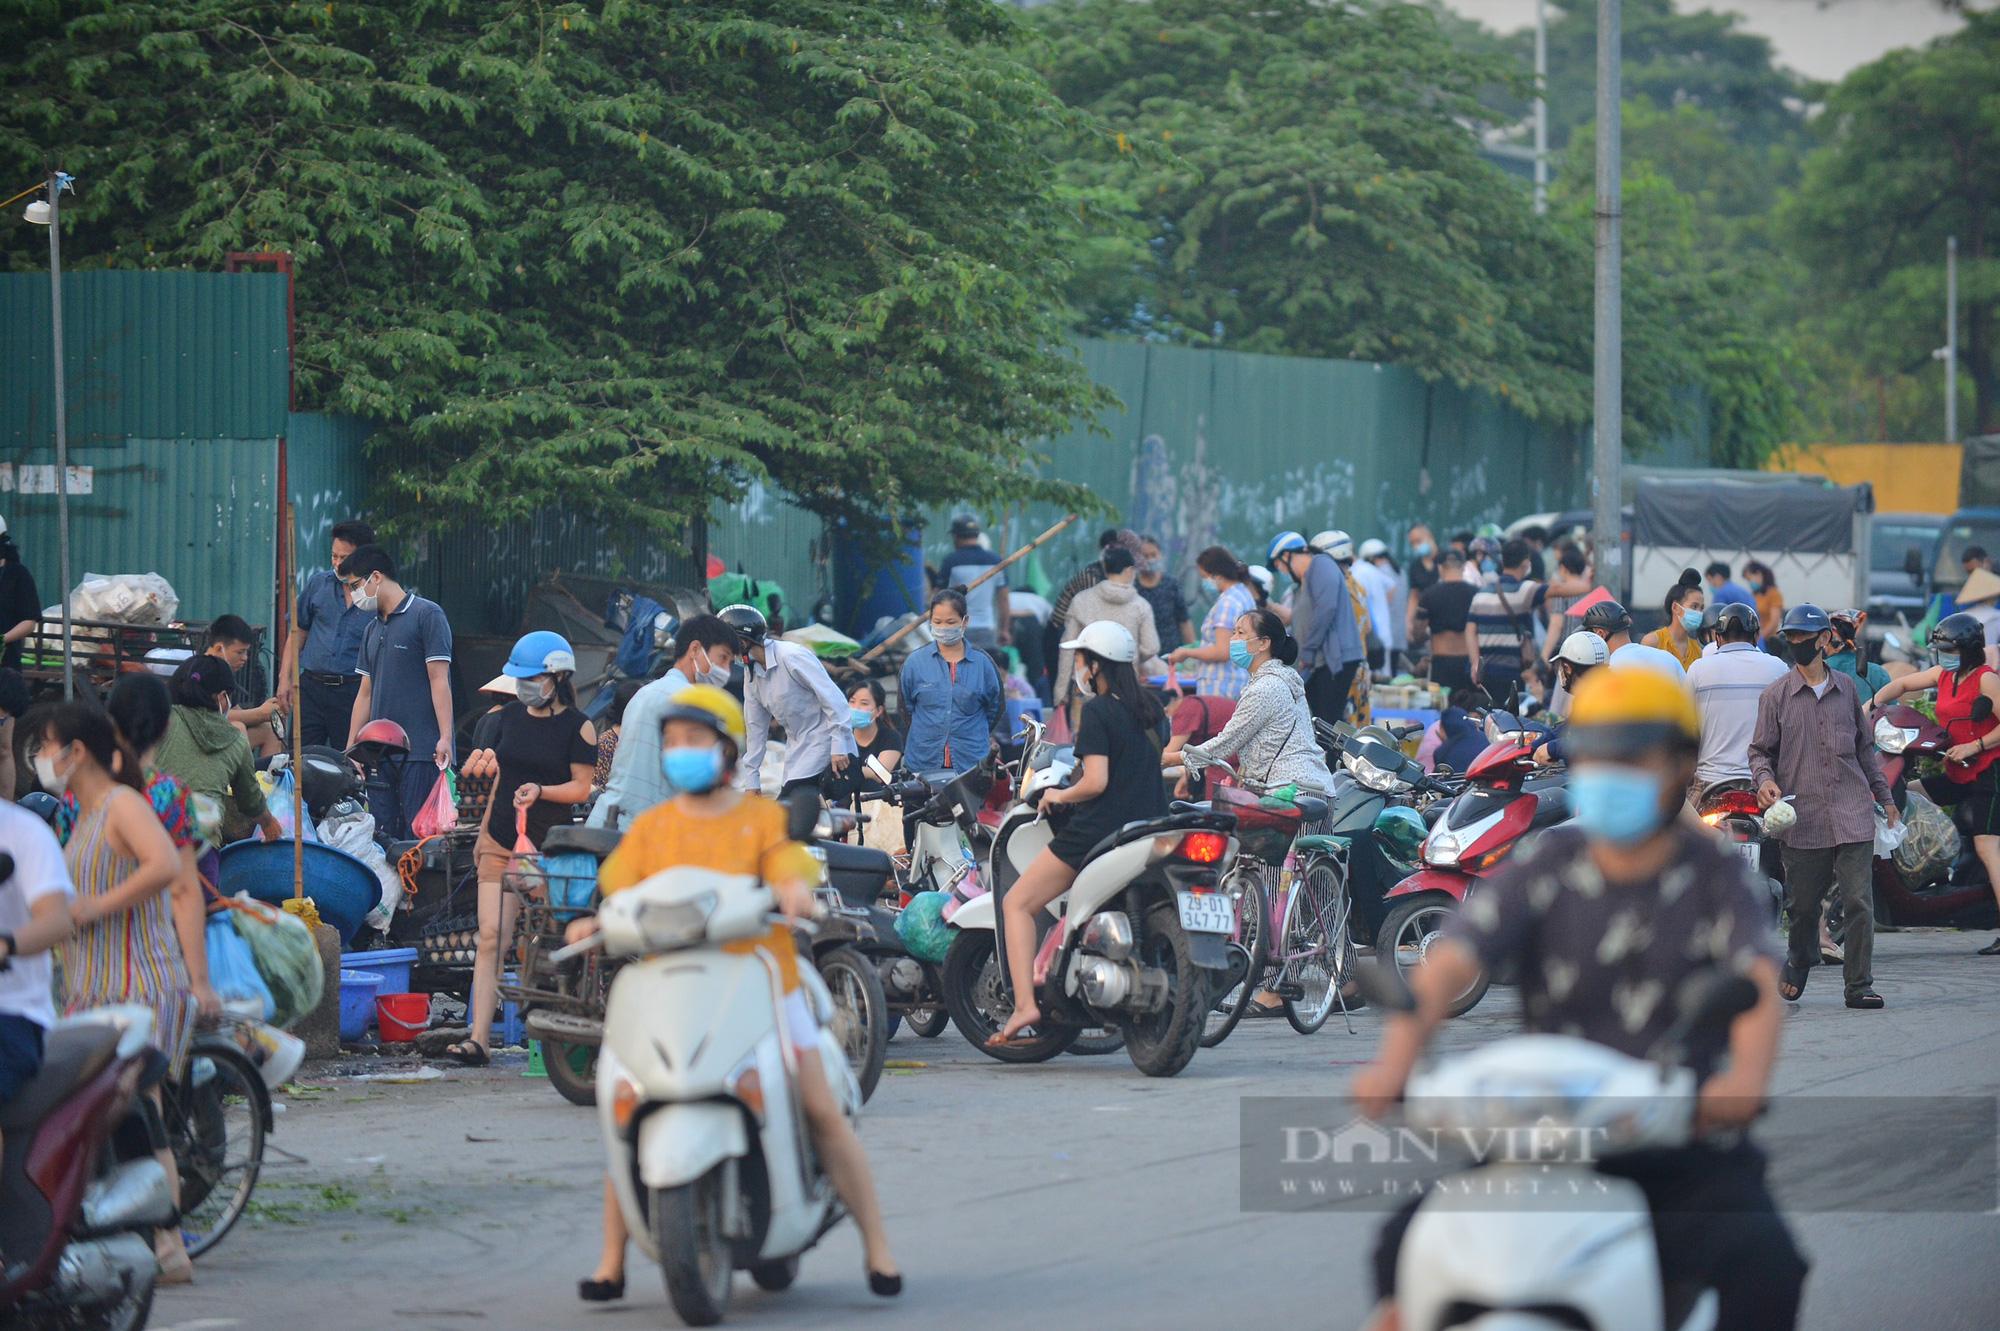 Chợ, siêu thị Hà Nội ngày đầu giãn cách xã hội: Nơi đông đúc, chốn thoáng đãng người dân thoả sức lựa chọn - Ảnh 5.